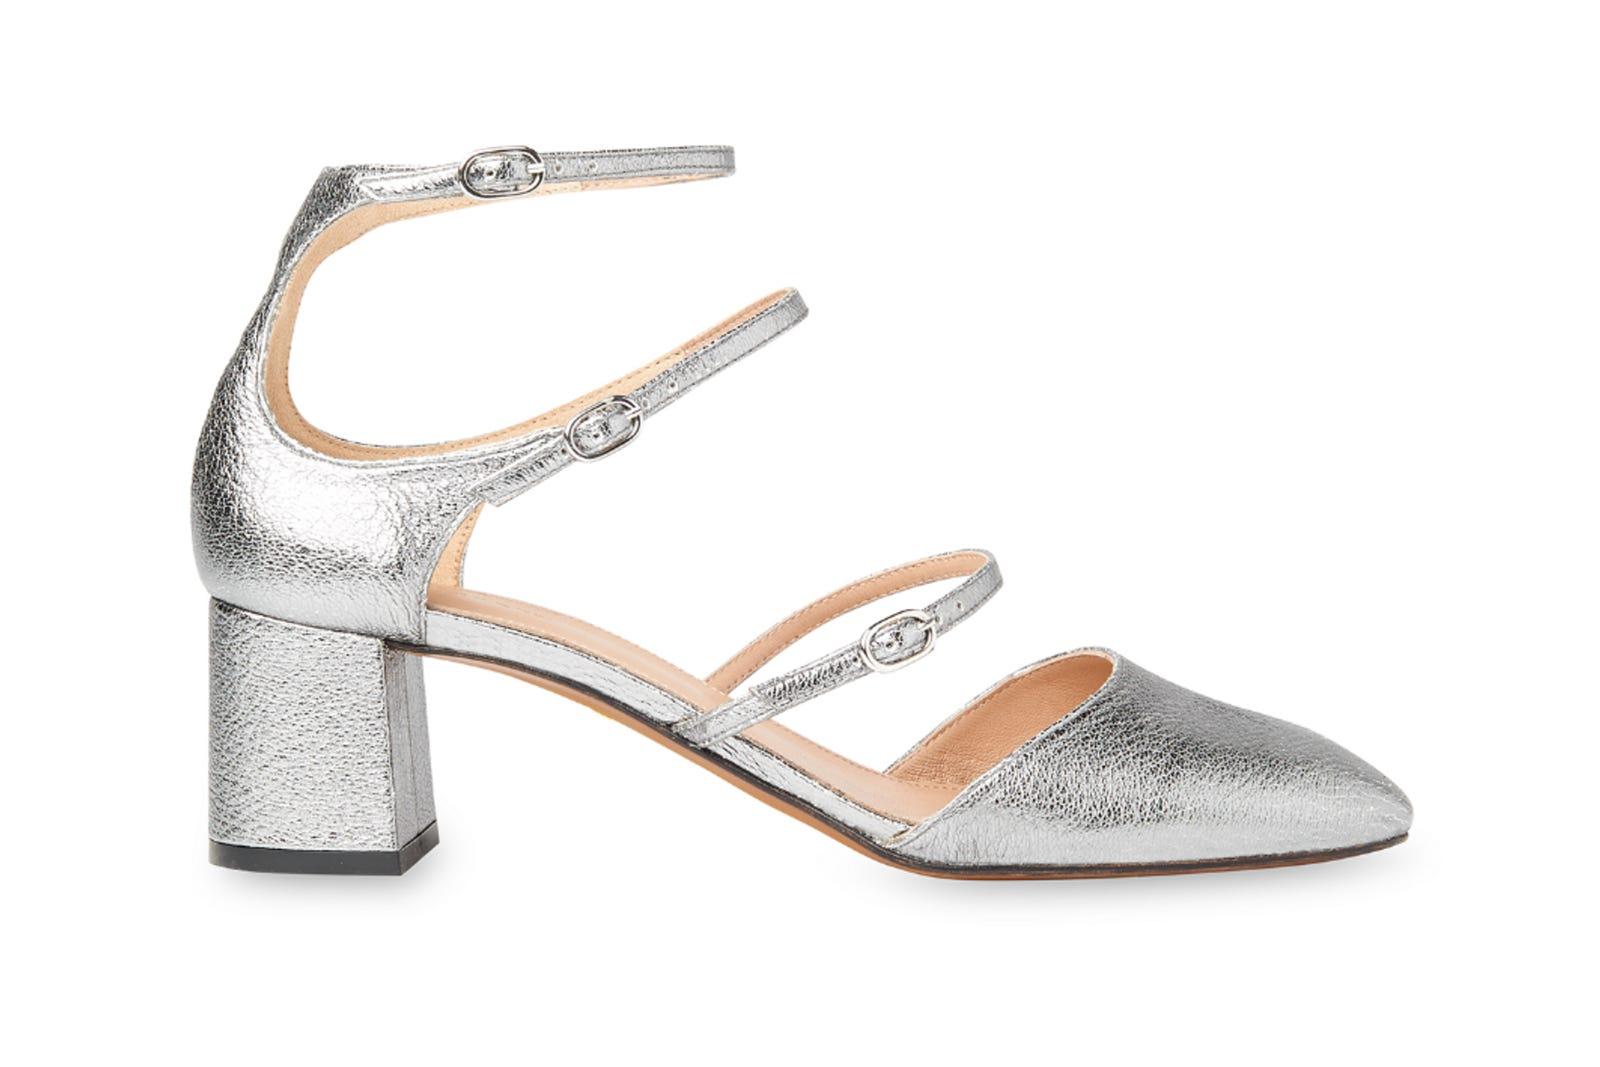 2de1ba2372b6 Princess Shoes - Shop Metallic Heels